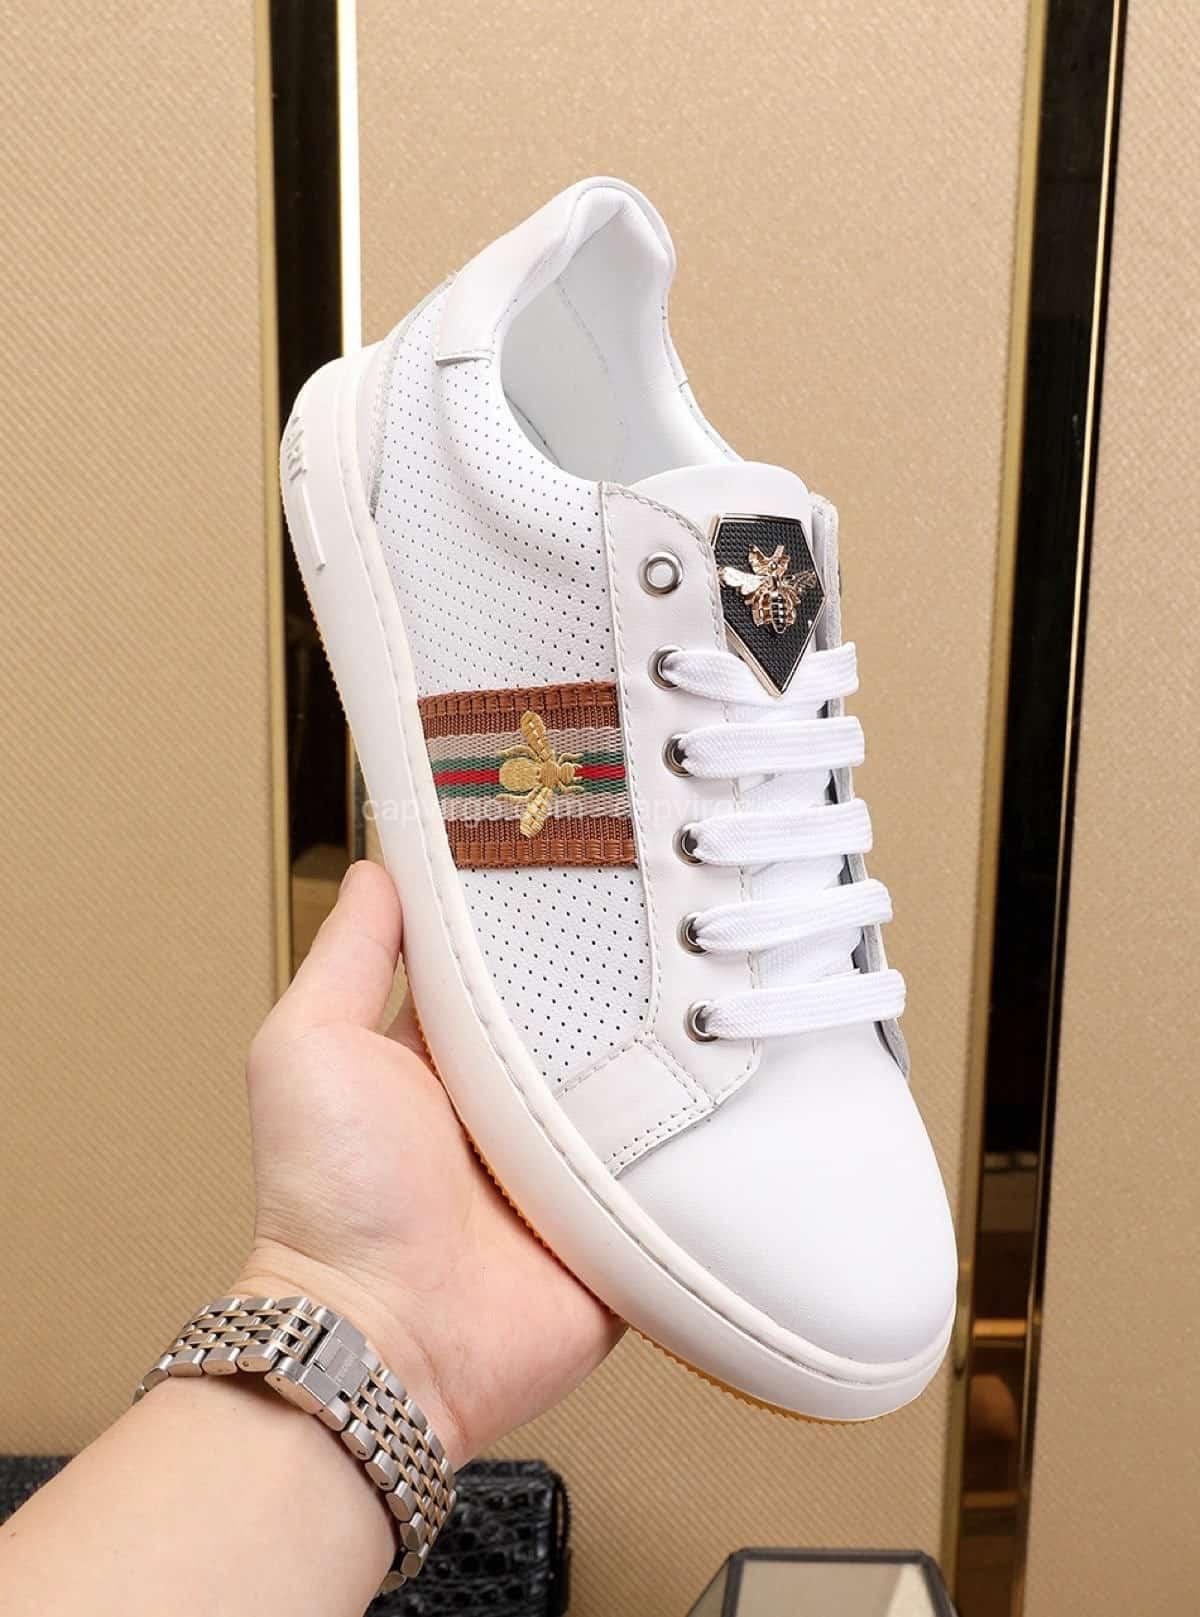 Giày gucci ong màu trắng đẹp nhất của dòng gucci